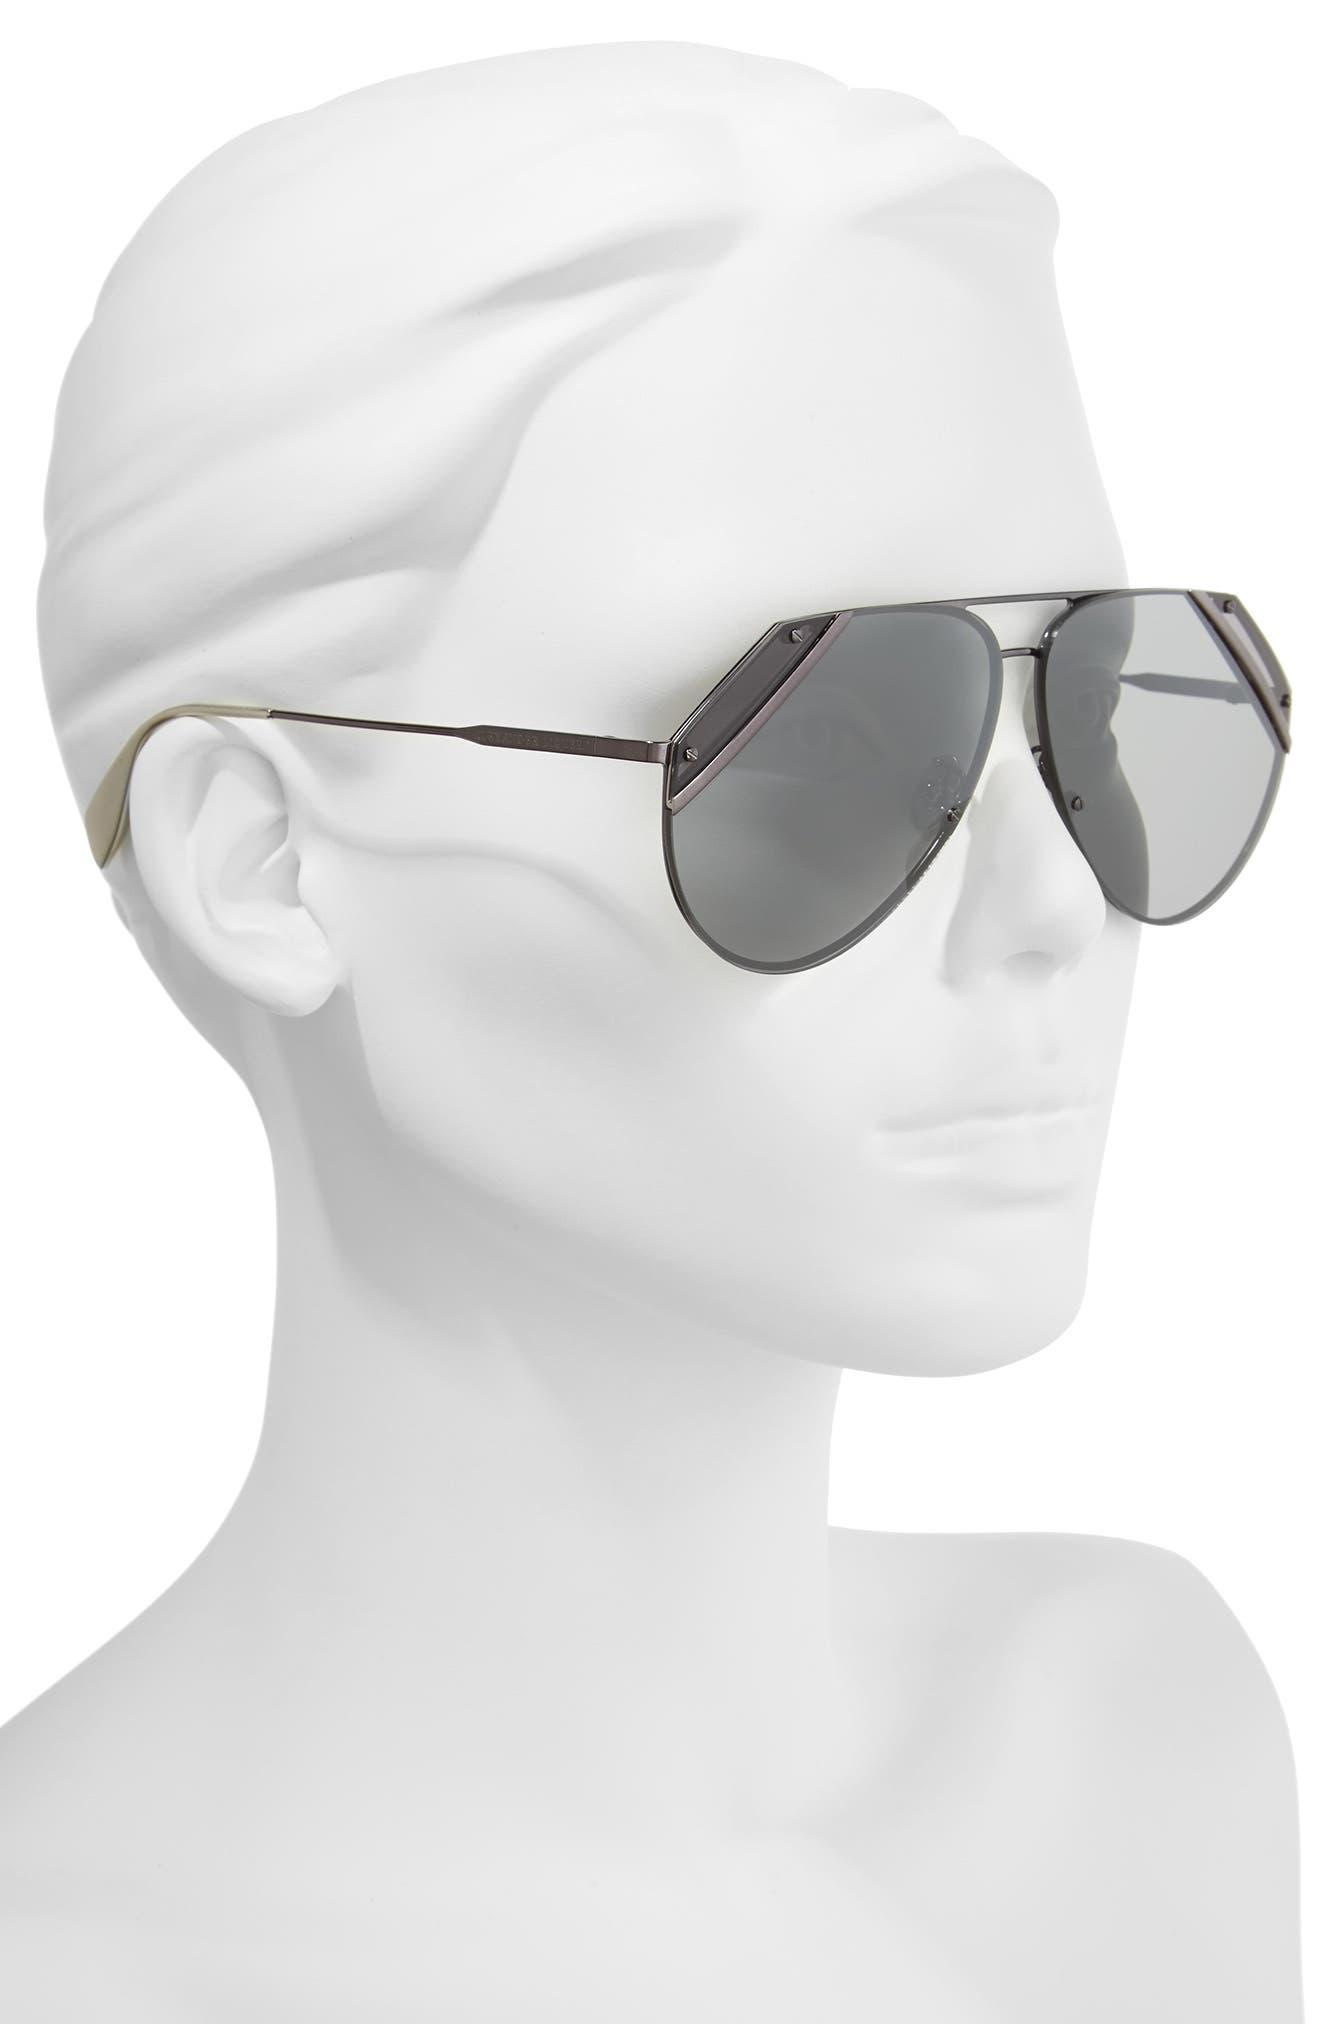 65mm Snip Frame Aviator Sunglasses,                             Alternate thumbnail 4, color,